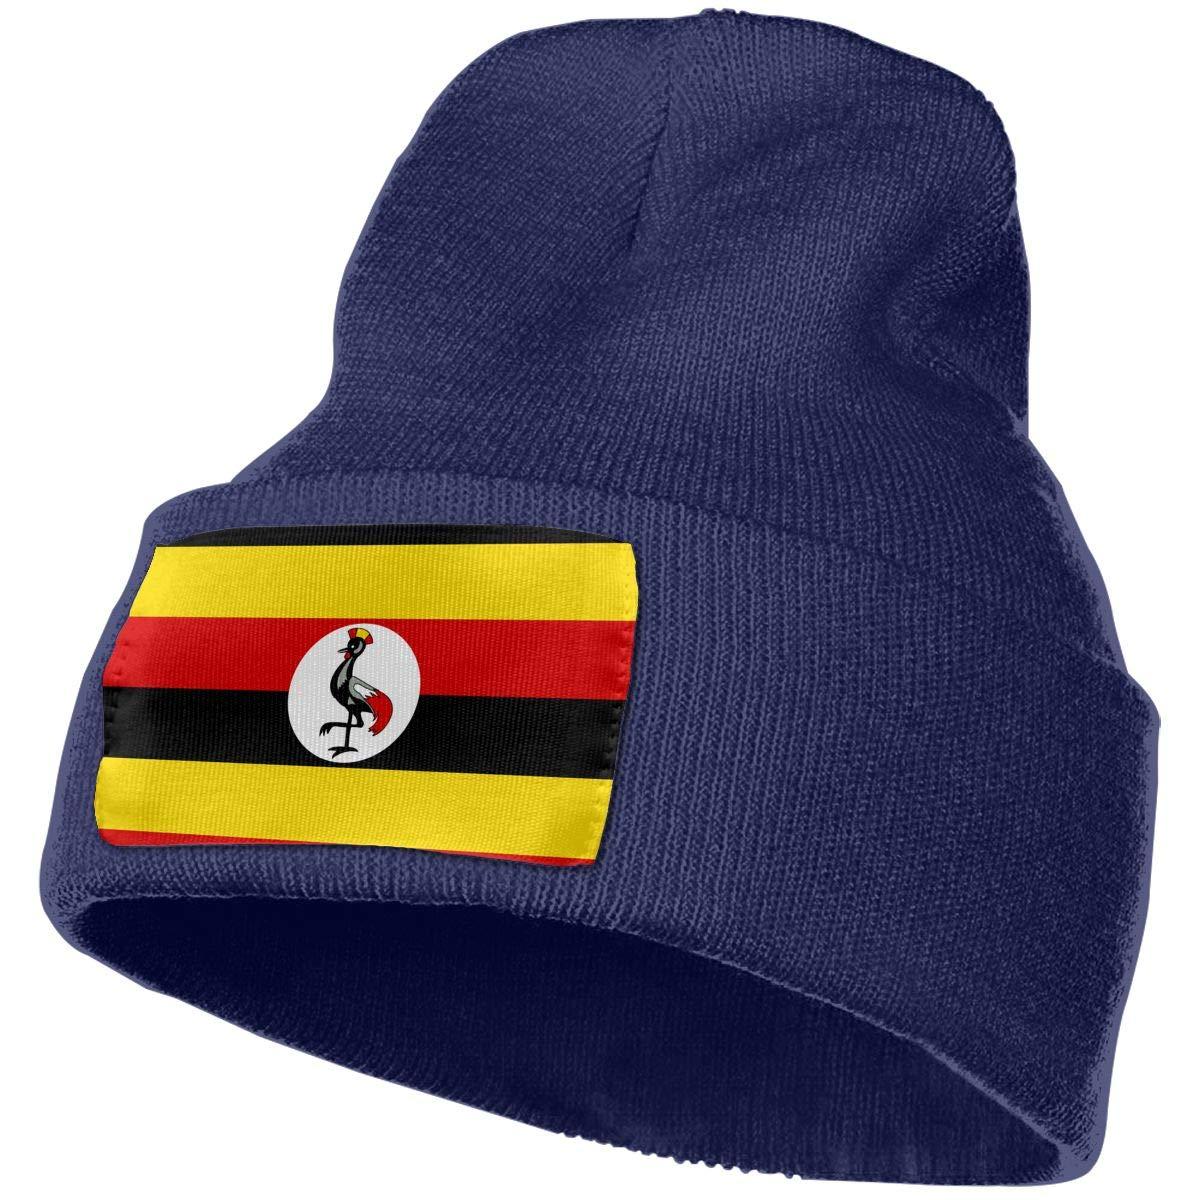 Flag of Uganda DFKD JKFD Unisex 3D Knitted Hat Skull Hat Beanie Cap